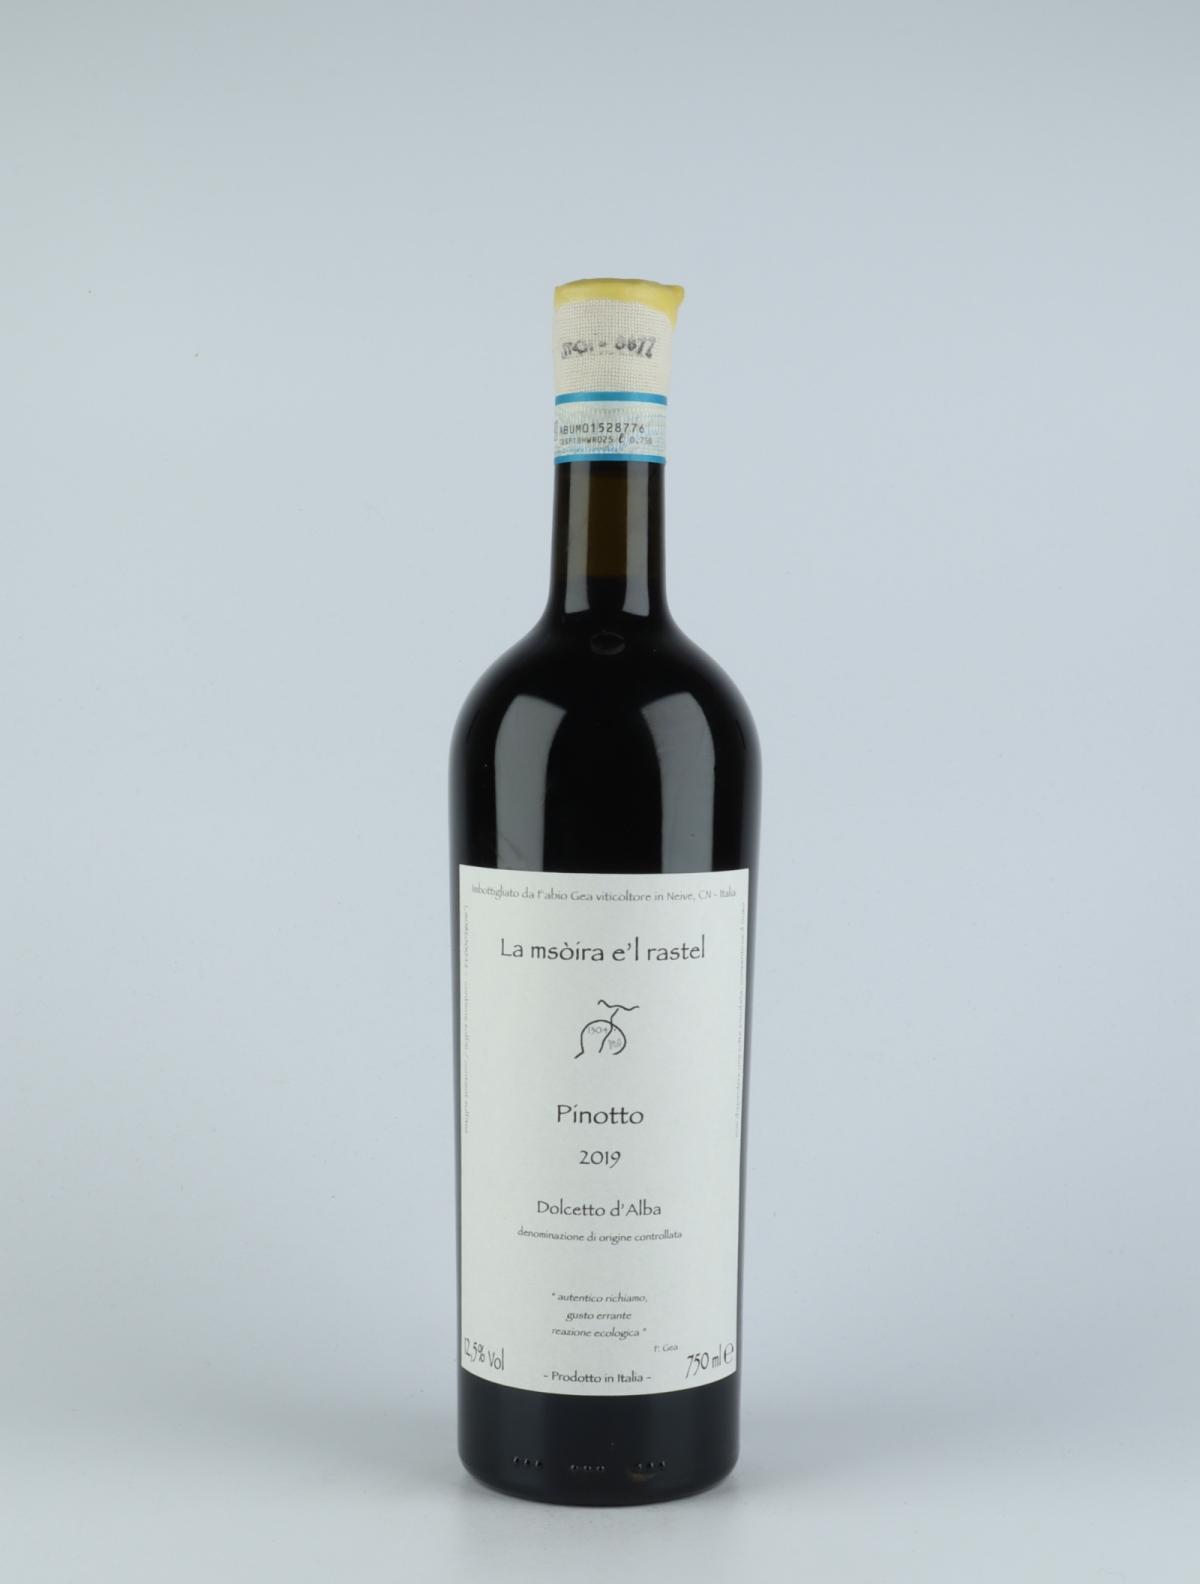 Pinotto - Dolcetto d'Alba